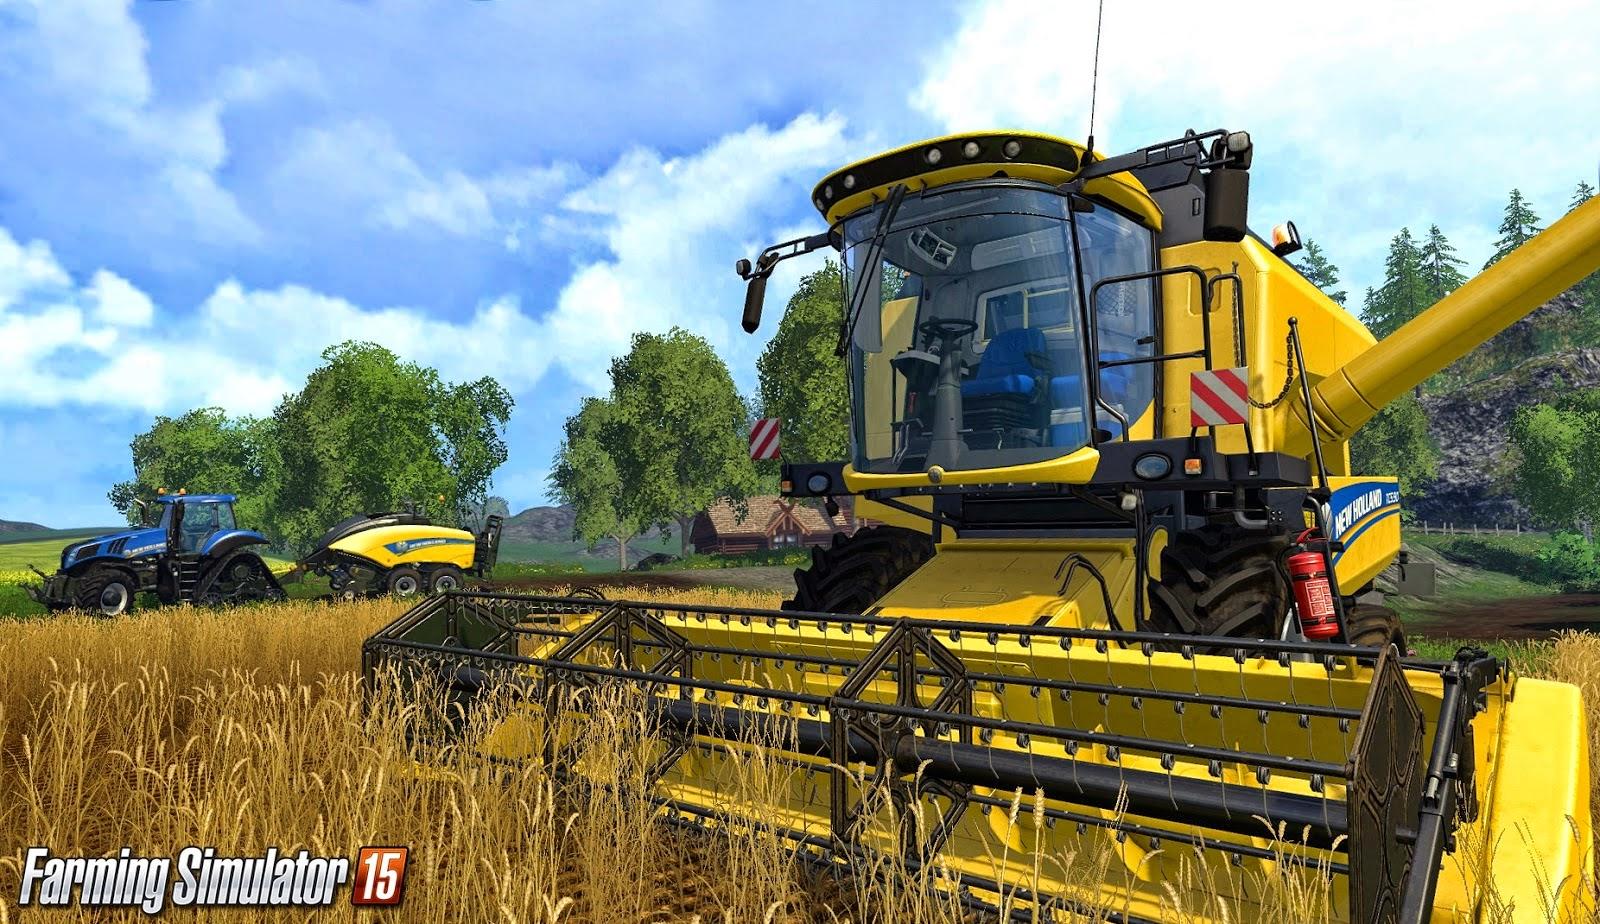 Download Farming Simulator 15 Game